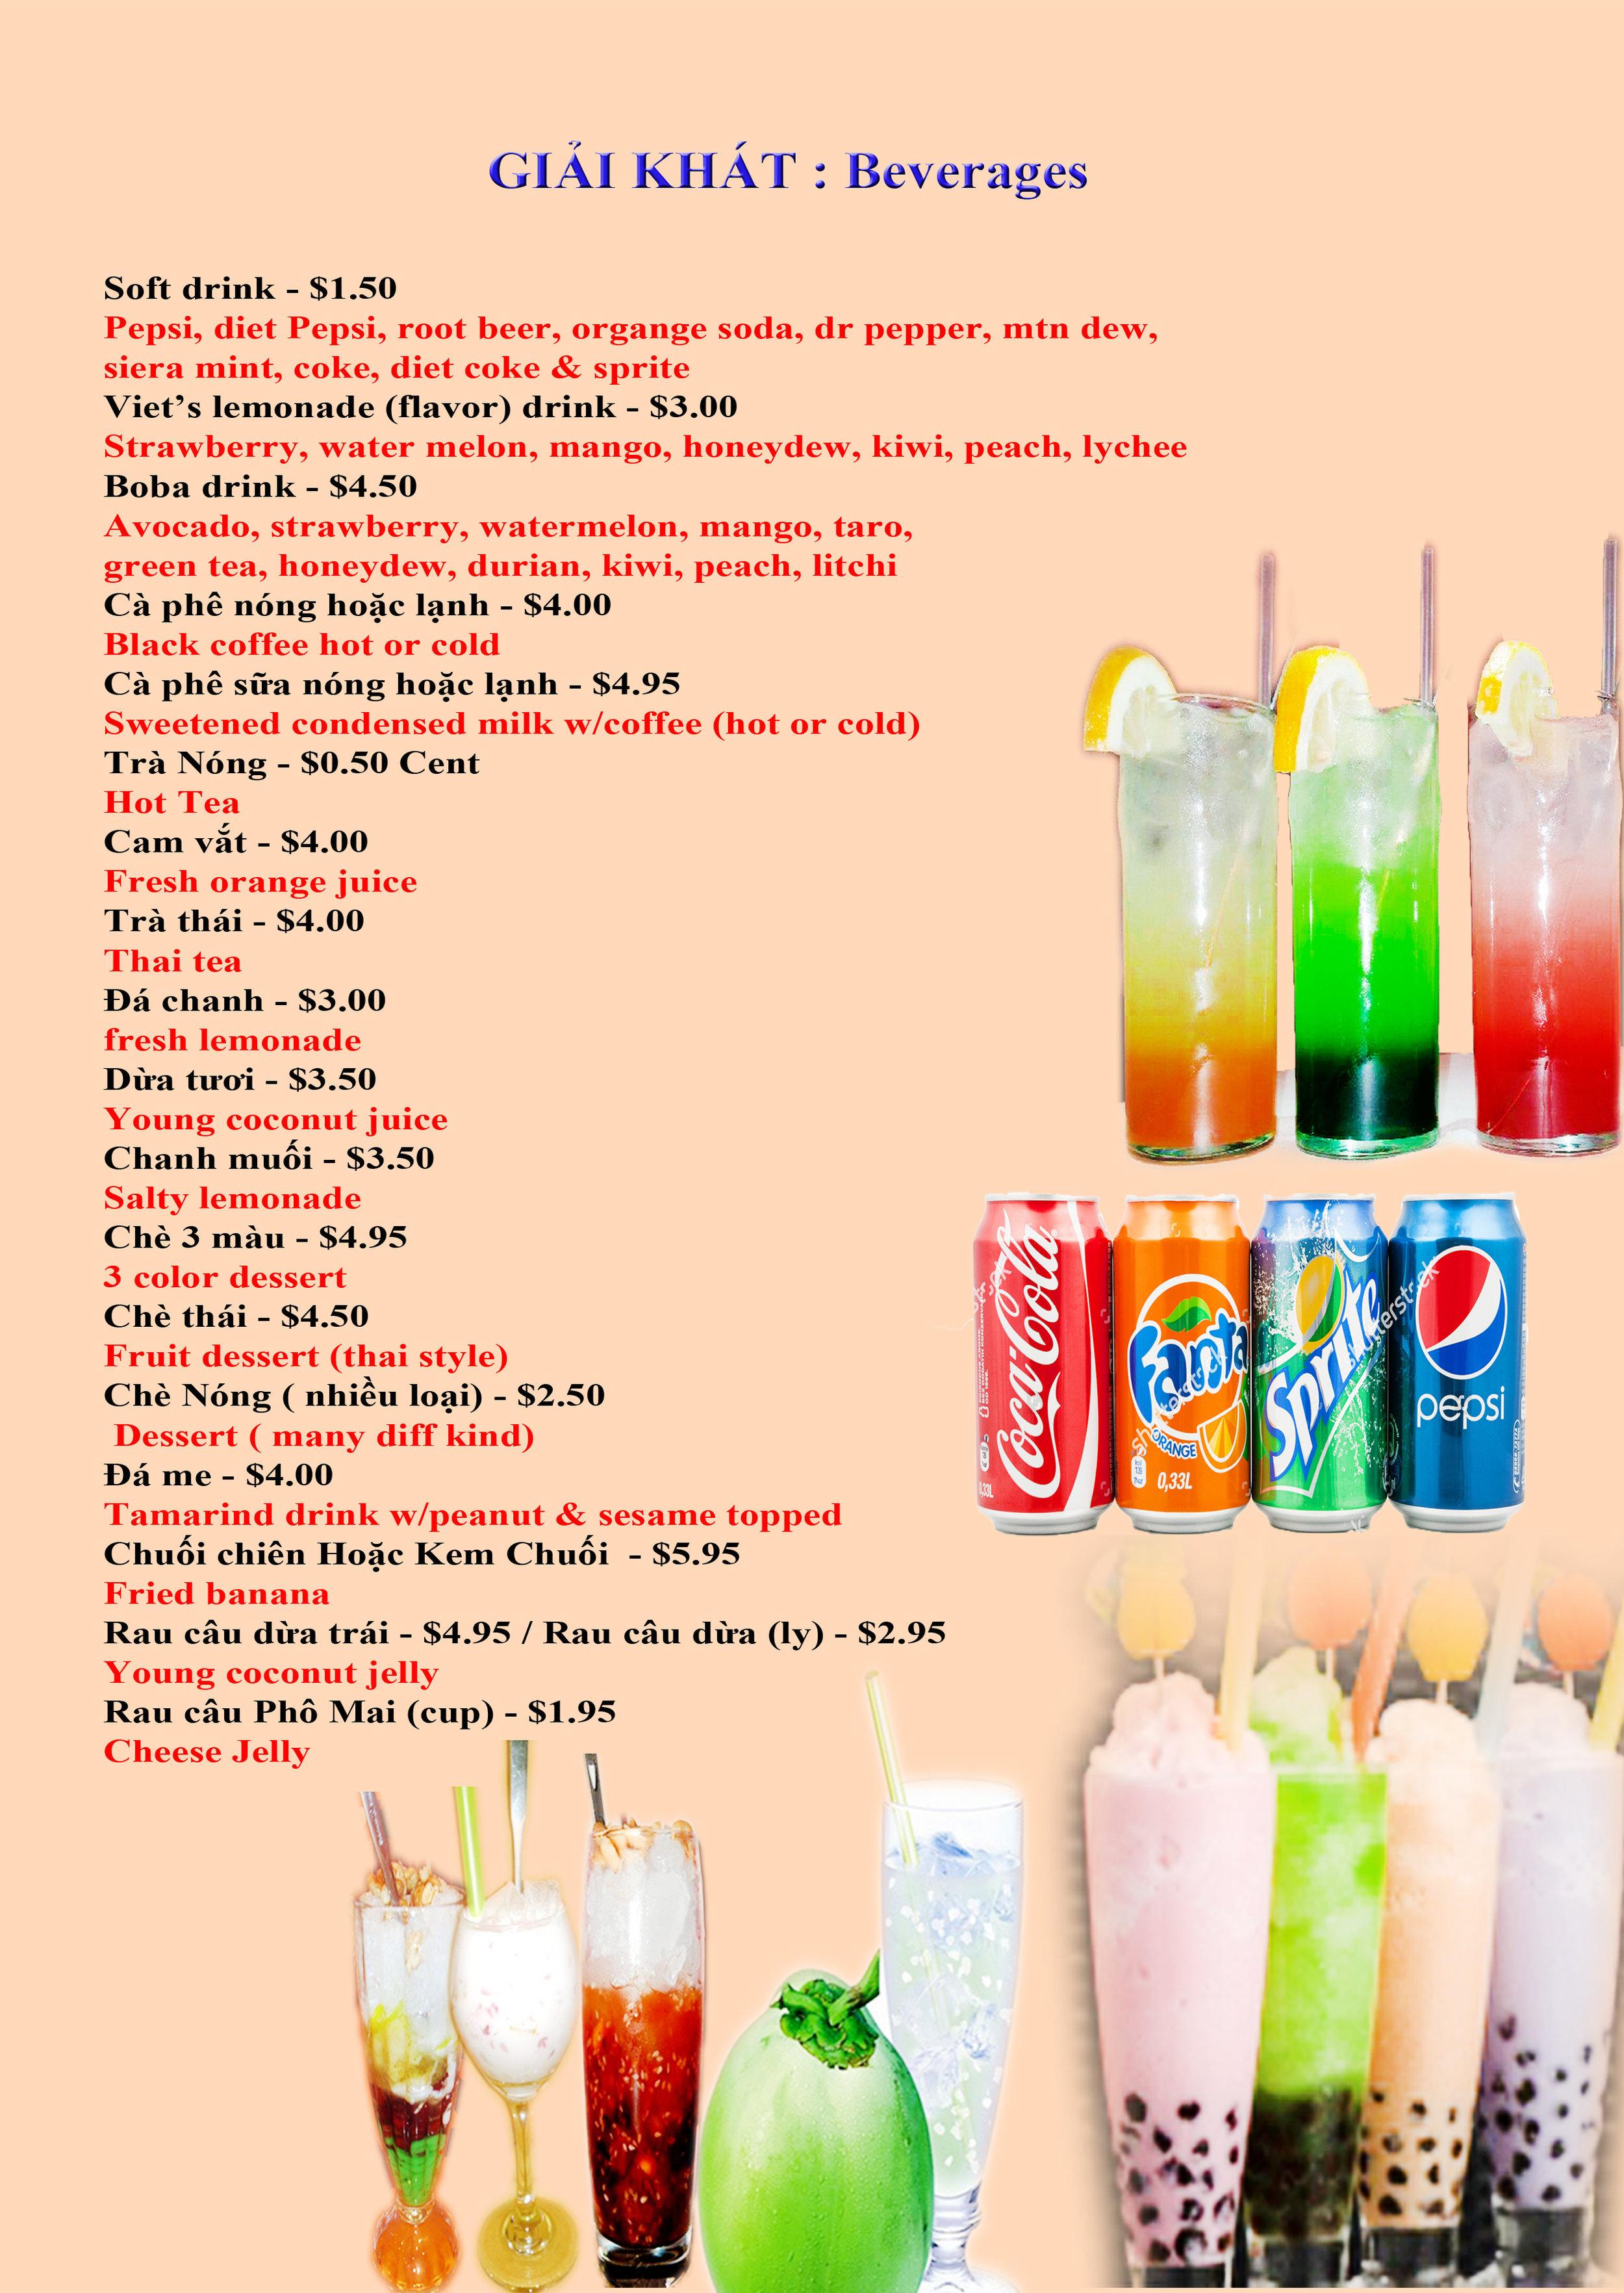 giai khat page 2 12x8.50.jpg